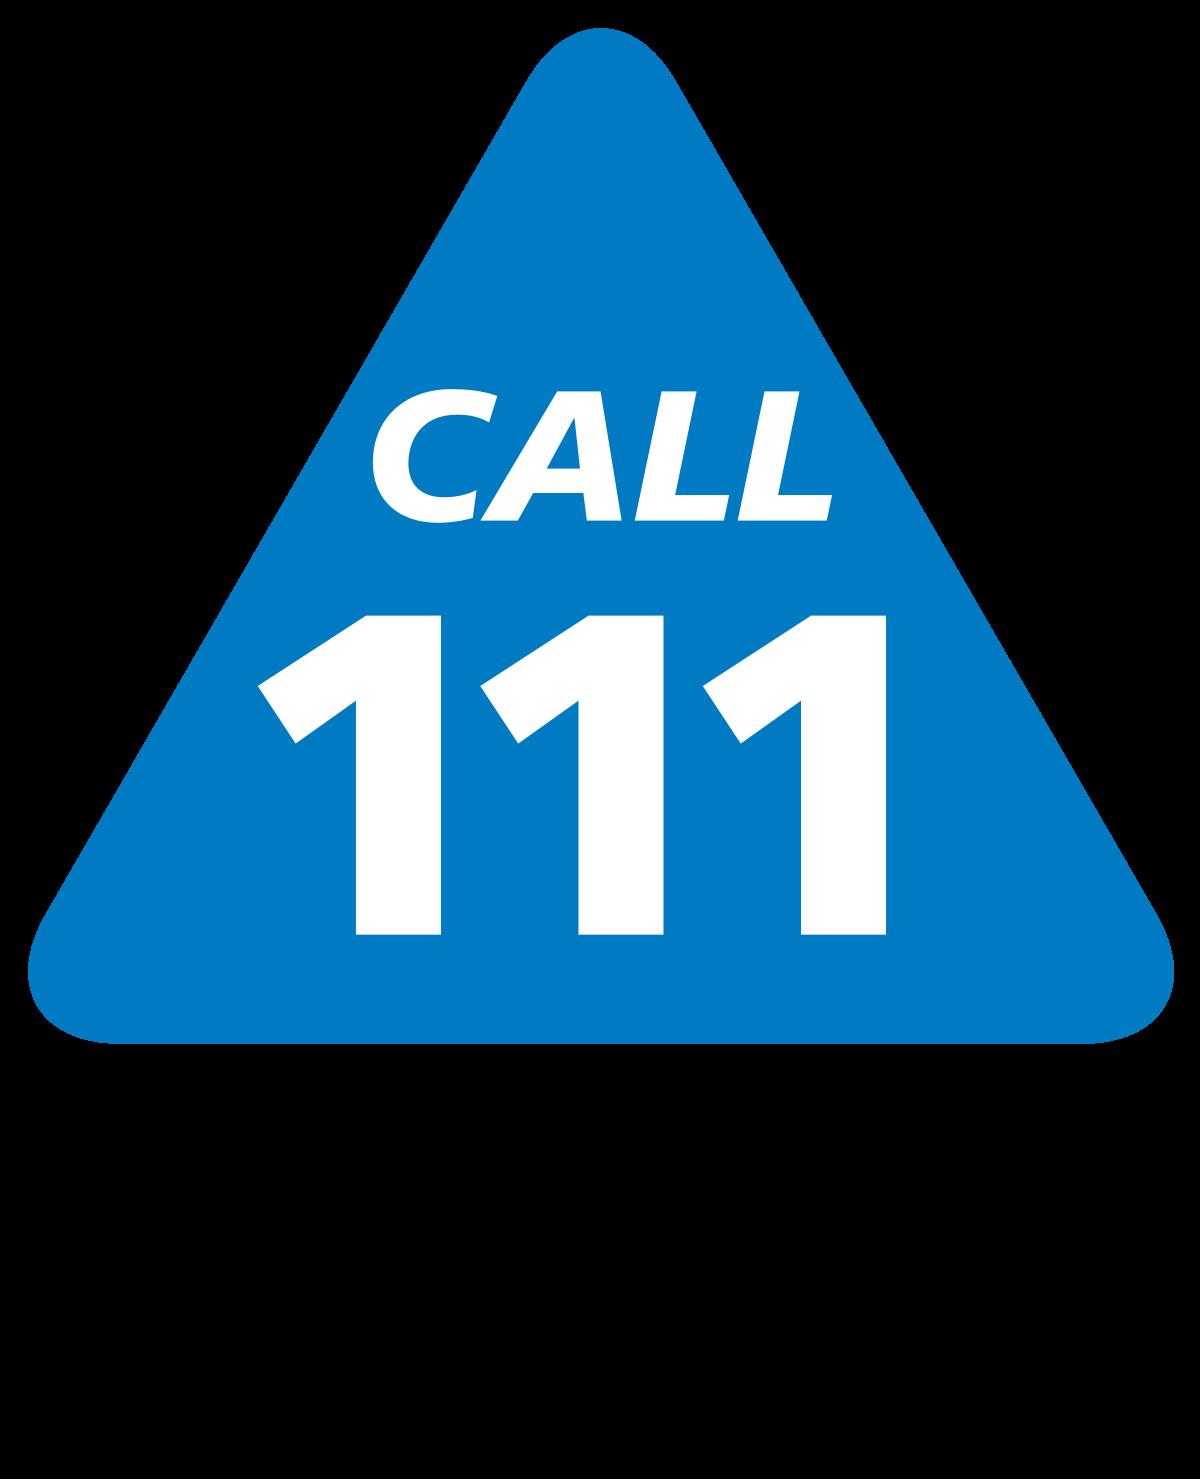 Call-111-NHS